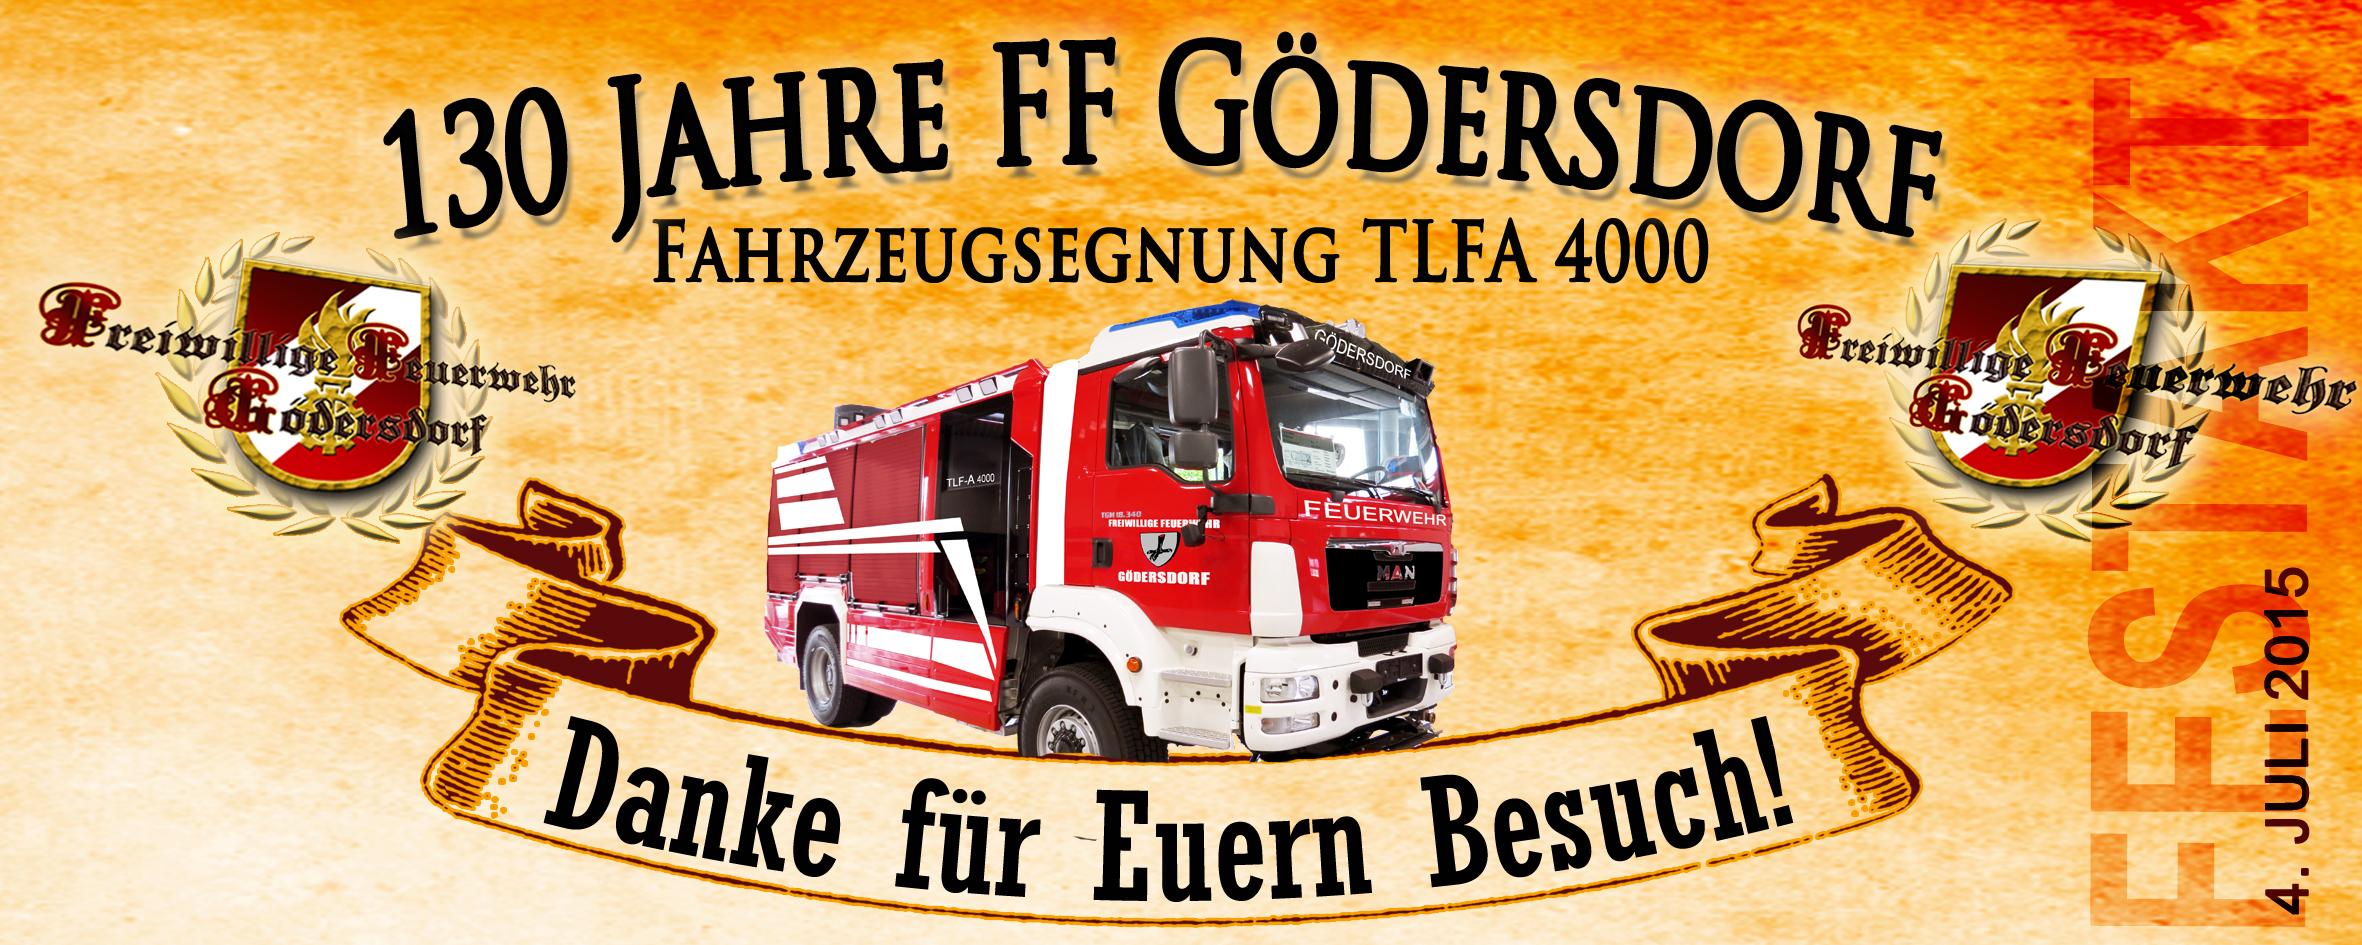 130 Jahre FF Gödersdorf - Danke für's dabei sein!